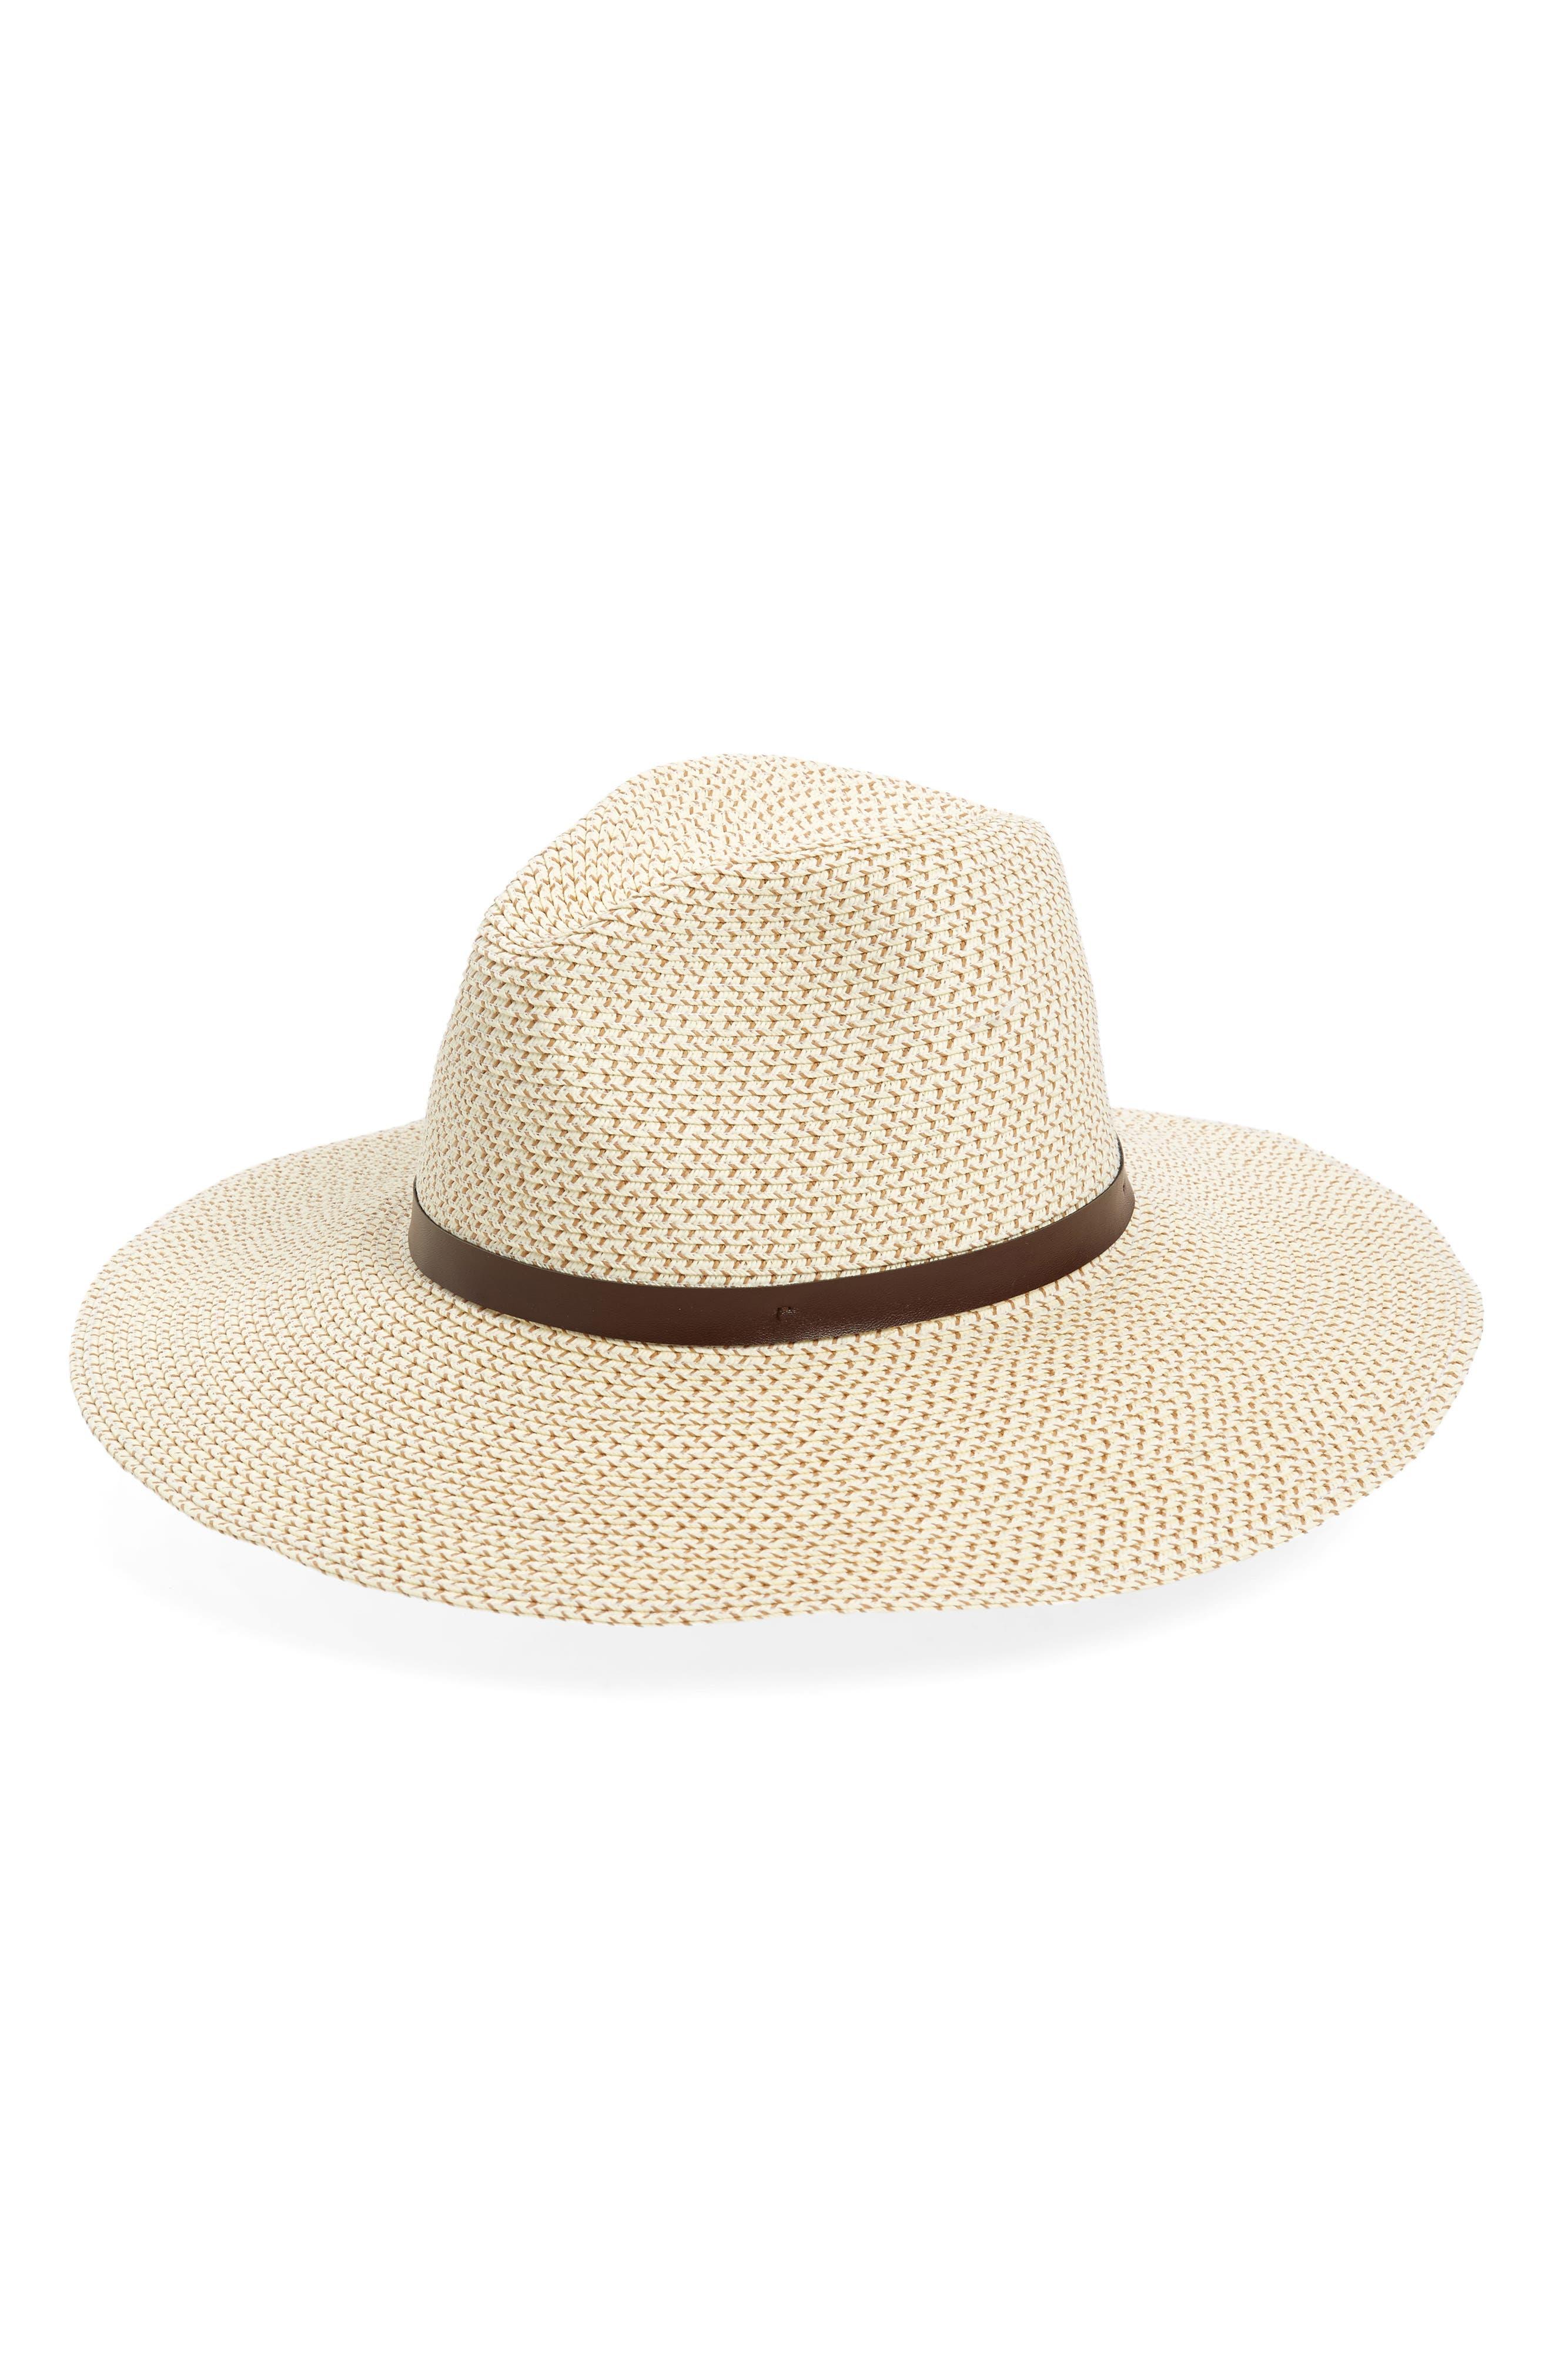 Band Straw Hat,                             Main thumbnail 1, color,                             901